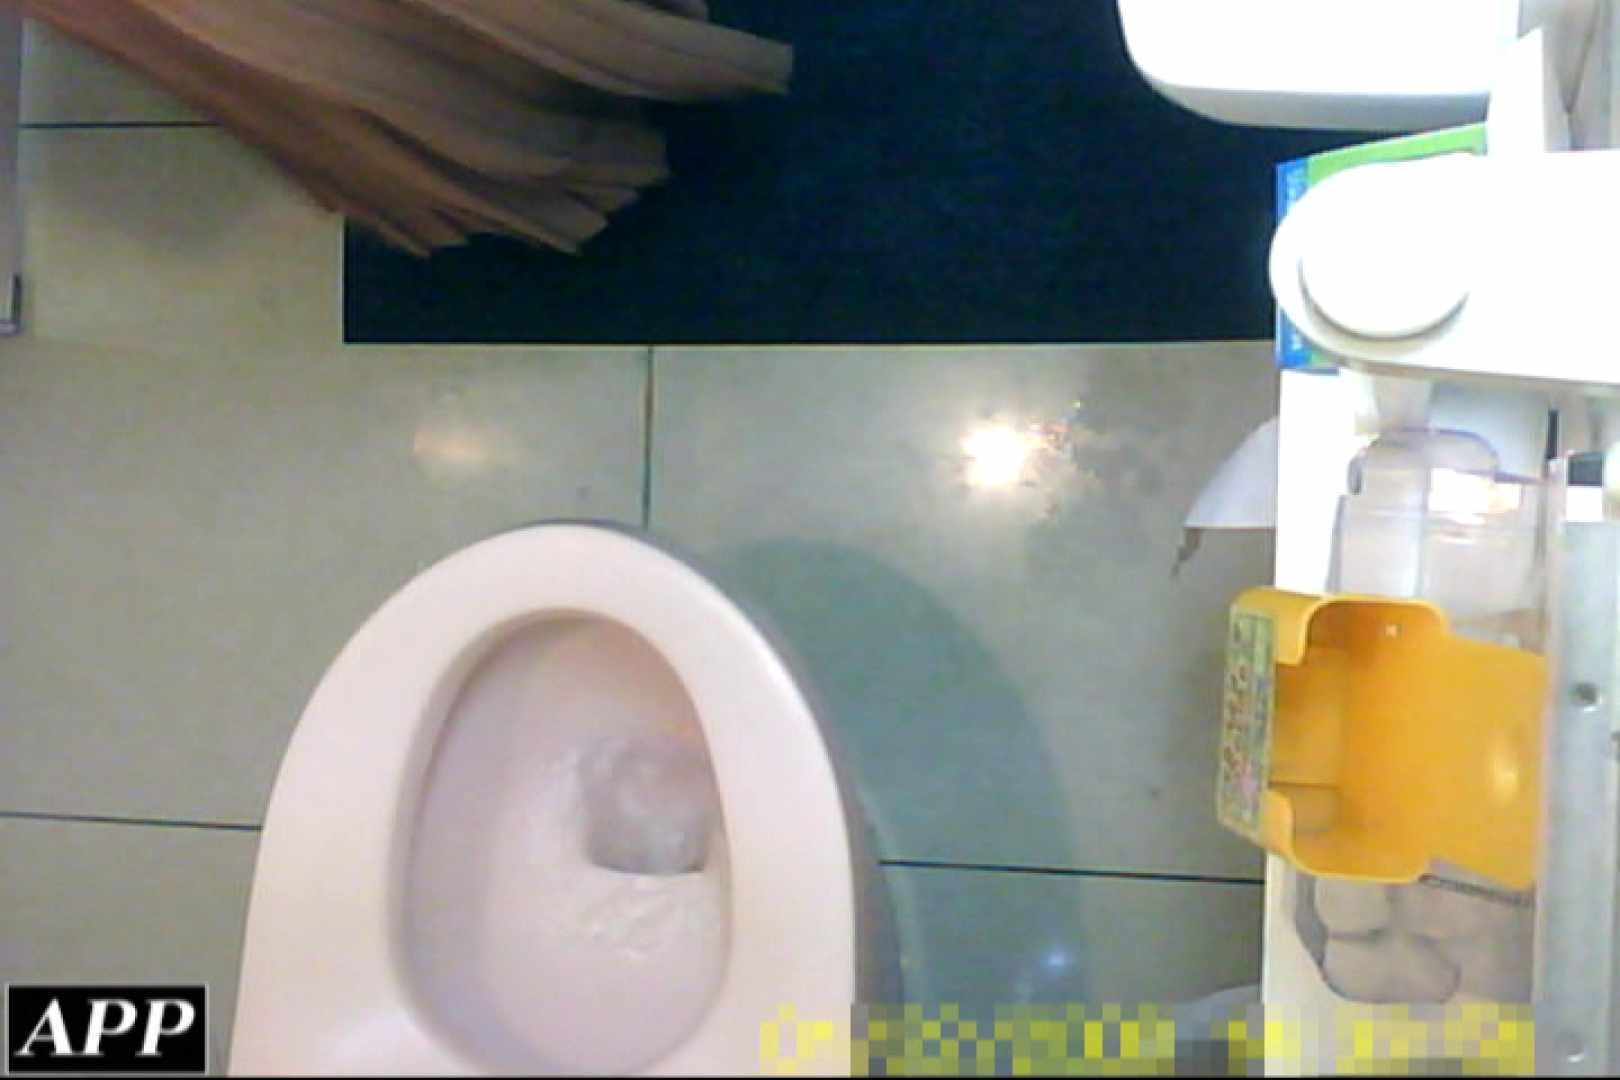 3視点洗面所 vol.54 マンコ ヌード画像 94pic 22